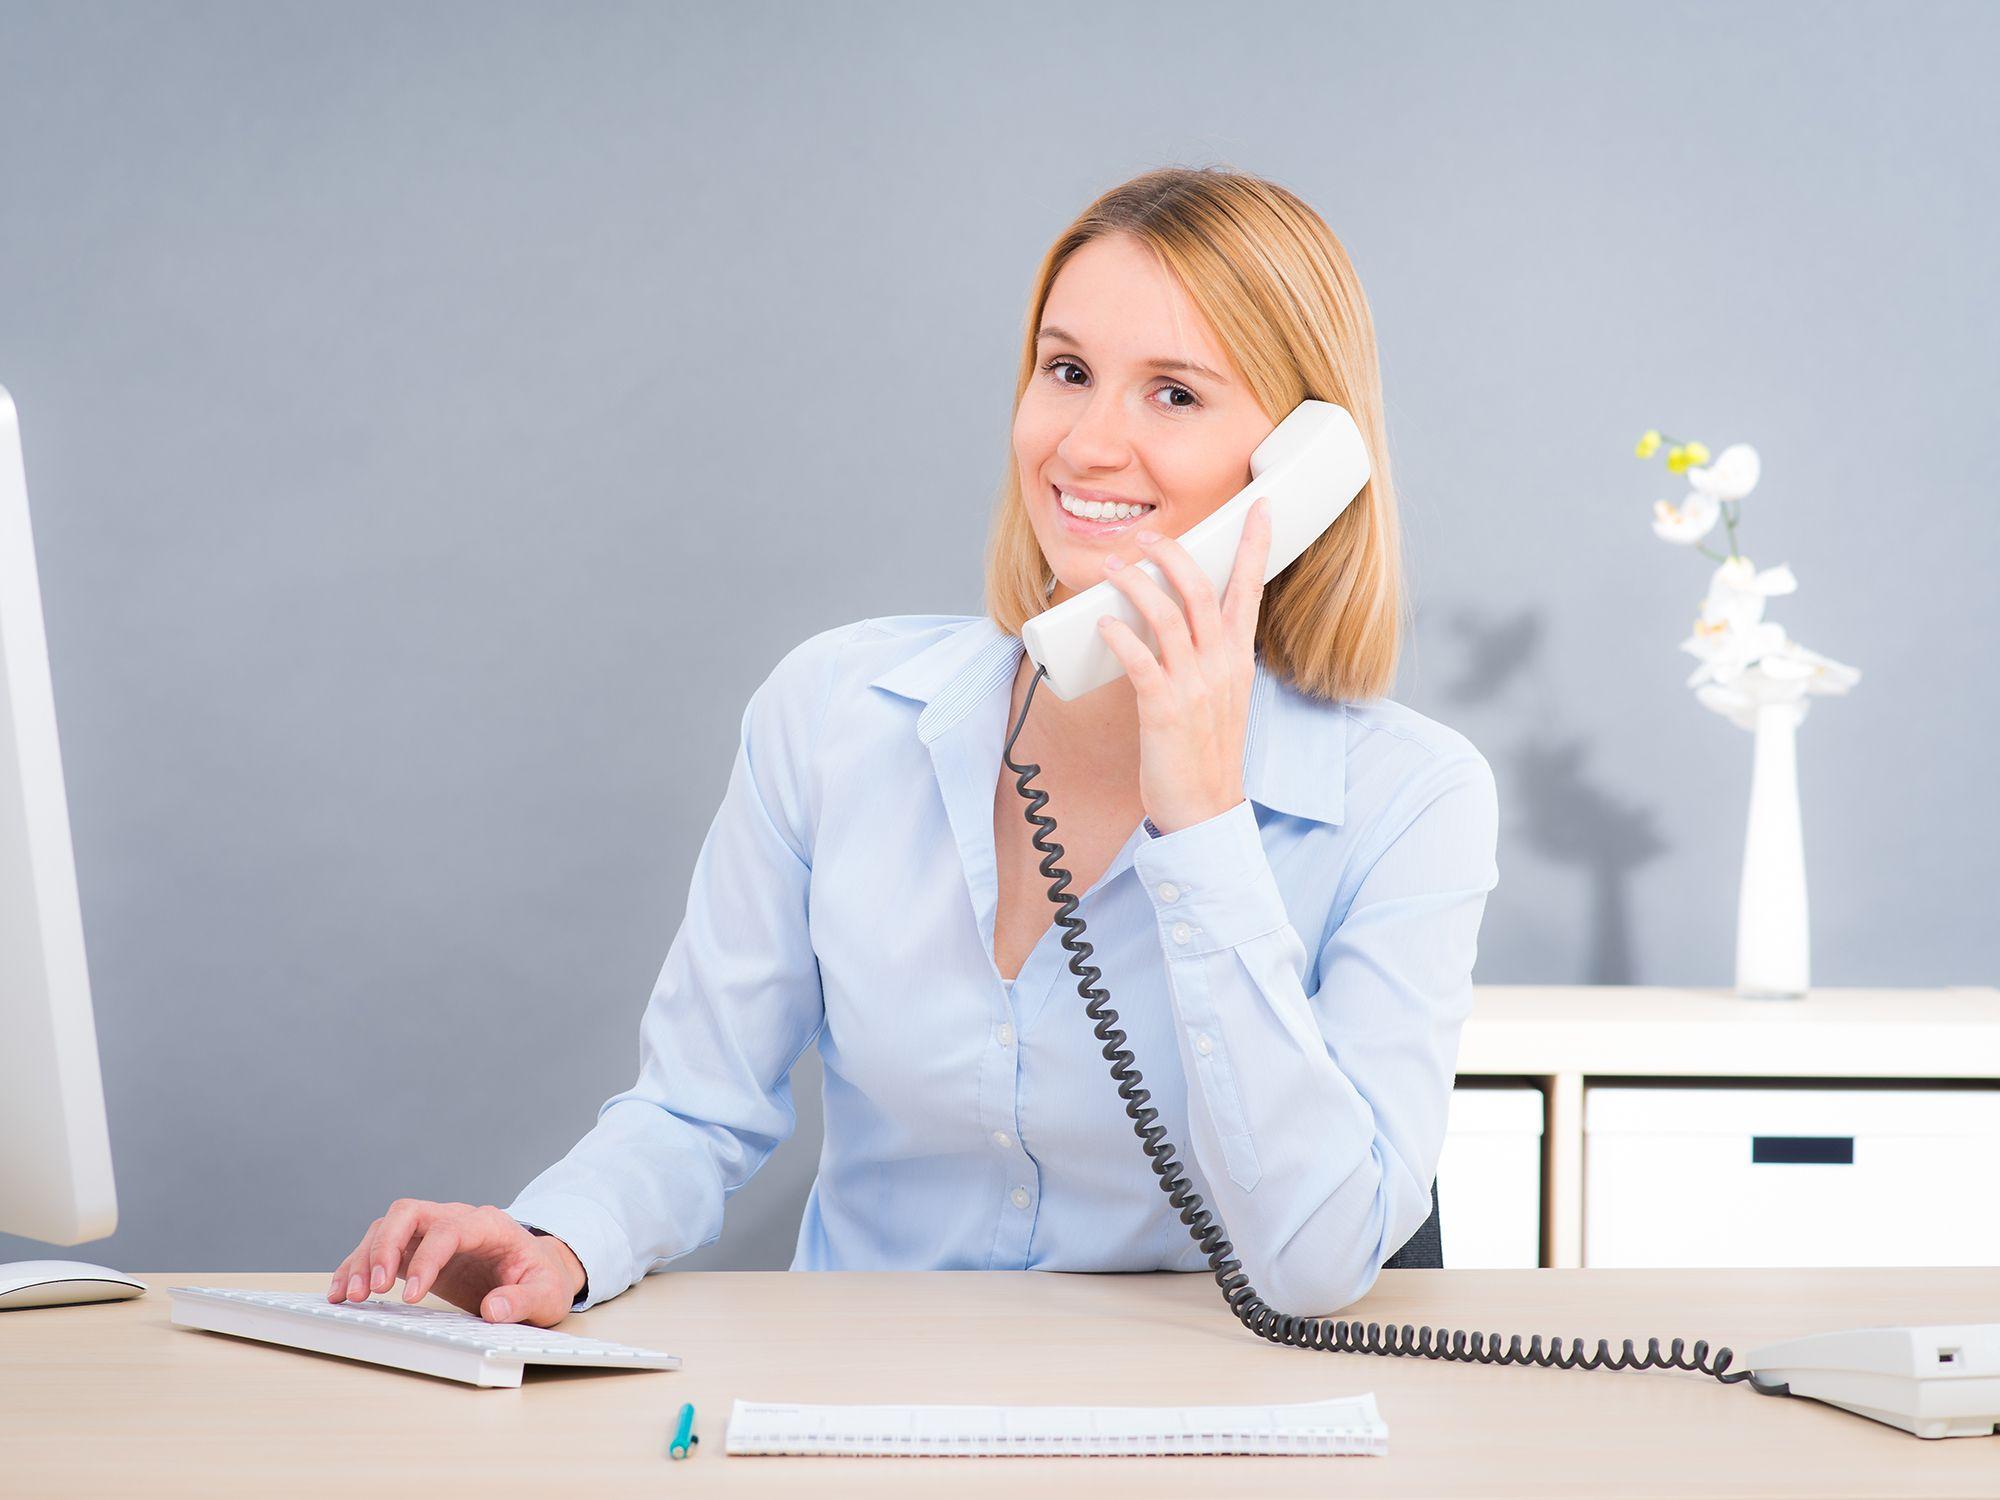 Level 2 - Sekretäre, Sekretärinnen, Schreibkraft, Schreibsekretär, Bürohilfskraft, Bürofachkraft, Empfangssekretär, Empfangssekretärin, Bürosekretär, Bürosekretärin, Bürokraft, Leiharbeiter, Zeitarbeiter, Leiharbeitnehmer, Leihkraft, Temporärarbeiter für Büros, Büroarbeit, Büroaufgaben, Bürotätigkeiten, Büroorganisation, Sekretariat, Urlaubsvertretung und Rekrutierung bei uns als Personalagentur, Zeitarbeitsfirma, Zeitarbeitsunternehmen, Personal-Service-Agentur, Personaldienstleistungsagentur und Leiharbeitsfirma per Arbeitnehmer-Leasing, Arbeitnehmerüberlassung, Arbeitskräfte-Leasing, Arbeitskräfteüberlassung, Arbeitskraftüberlassung, Leiharbeit, Mitarbeiter-Leasing, Mitarbeiterleasing, Mitarbeiterüberlassung, Personaldienstleistung, Personalleasing, Personalüberlassung, Temporärarbeit, Zeitarbeit buchen, mieten, leihen oder langfristig neue Mitarbeiter für Jobs wie Büro Jobs, Schülerjobs, Ferienjobs, Aushilfsjobs, Studentenjobs, Werkstudentenjobs, Saisonjobs, Vollzeit Jobs, Teilzeit Jobs, Nebenjobs, Temporär Jobs, Gelegenheitsjobs per Personalvermittlung suchen, finden und vermittelt bekommen.